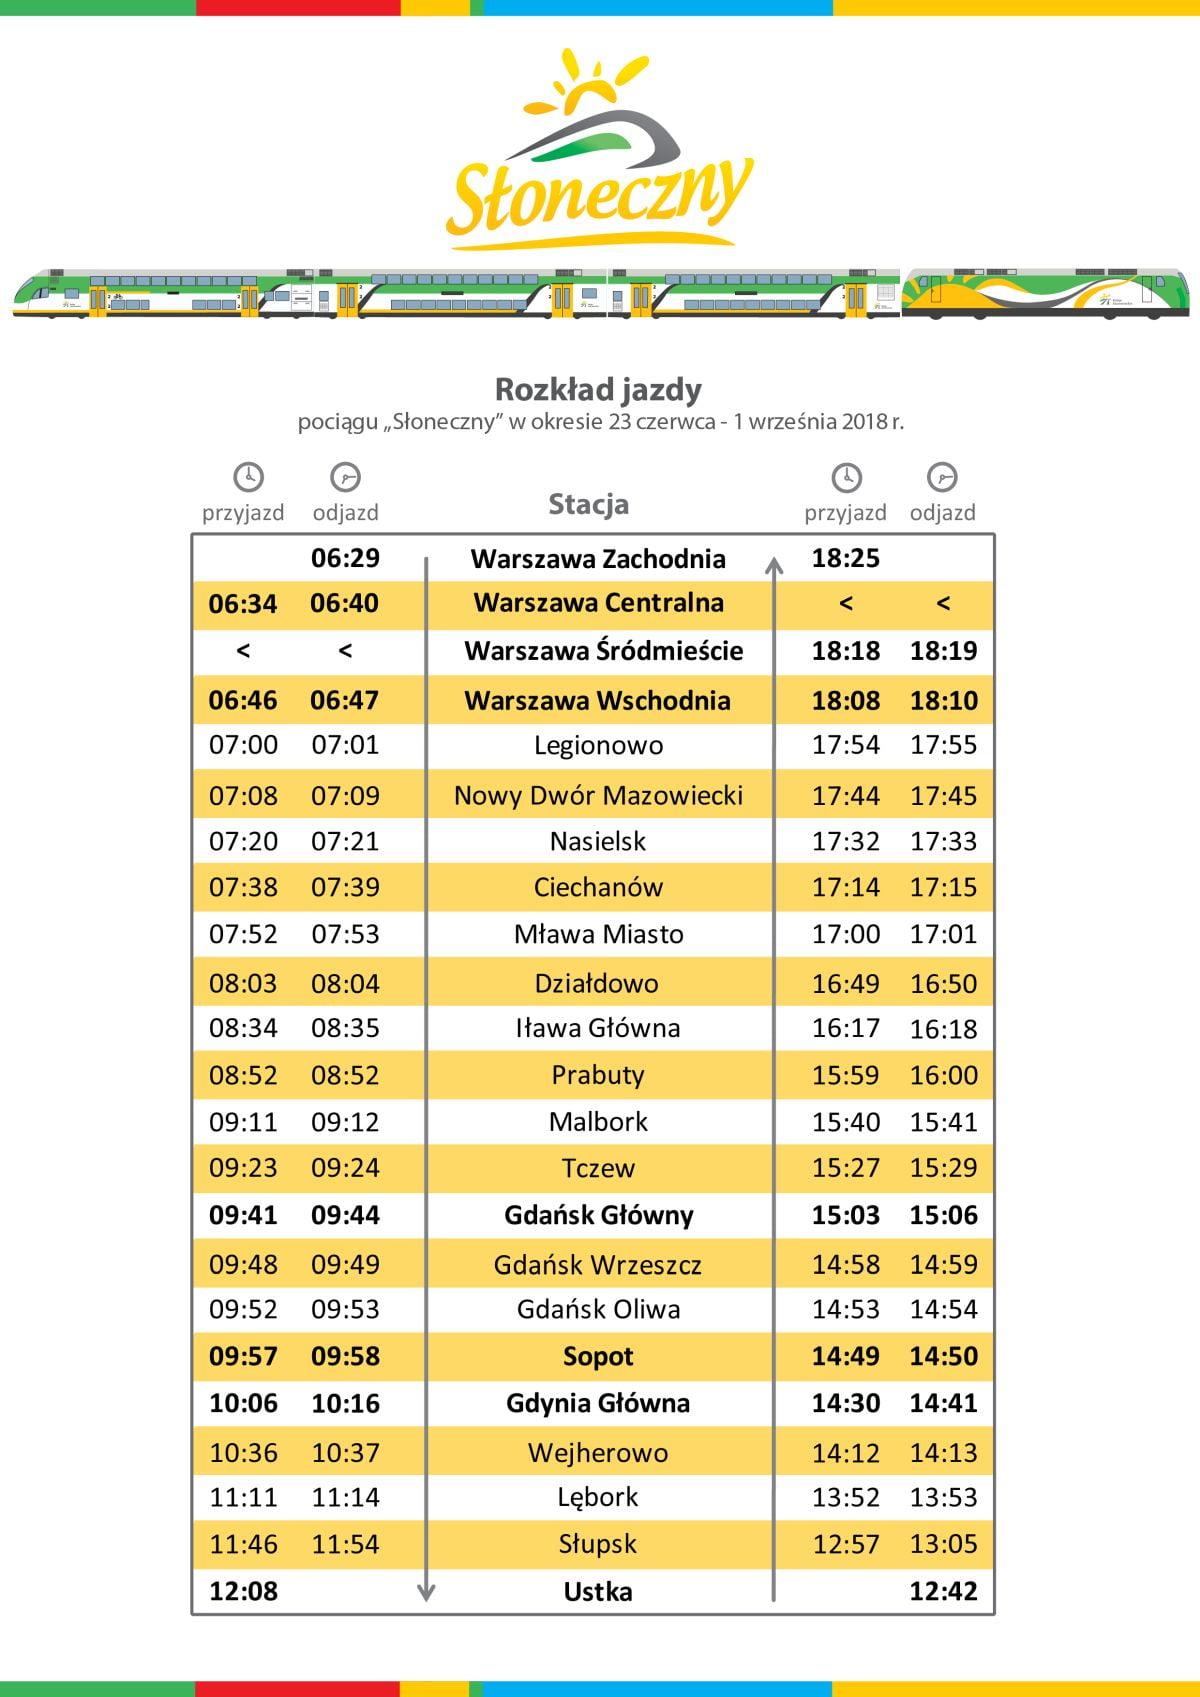 SŁoneczny Pociąg - rozkład jazdy